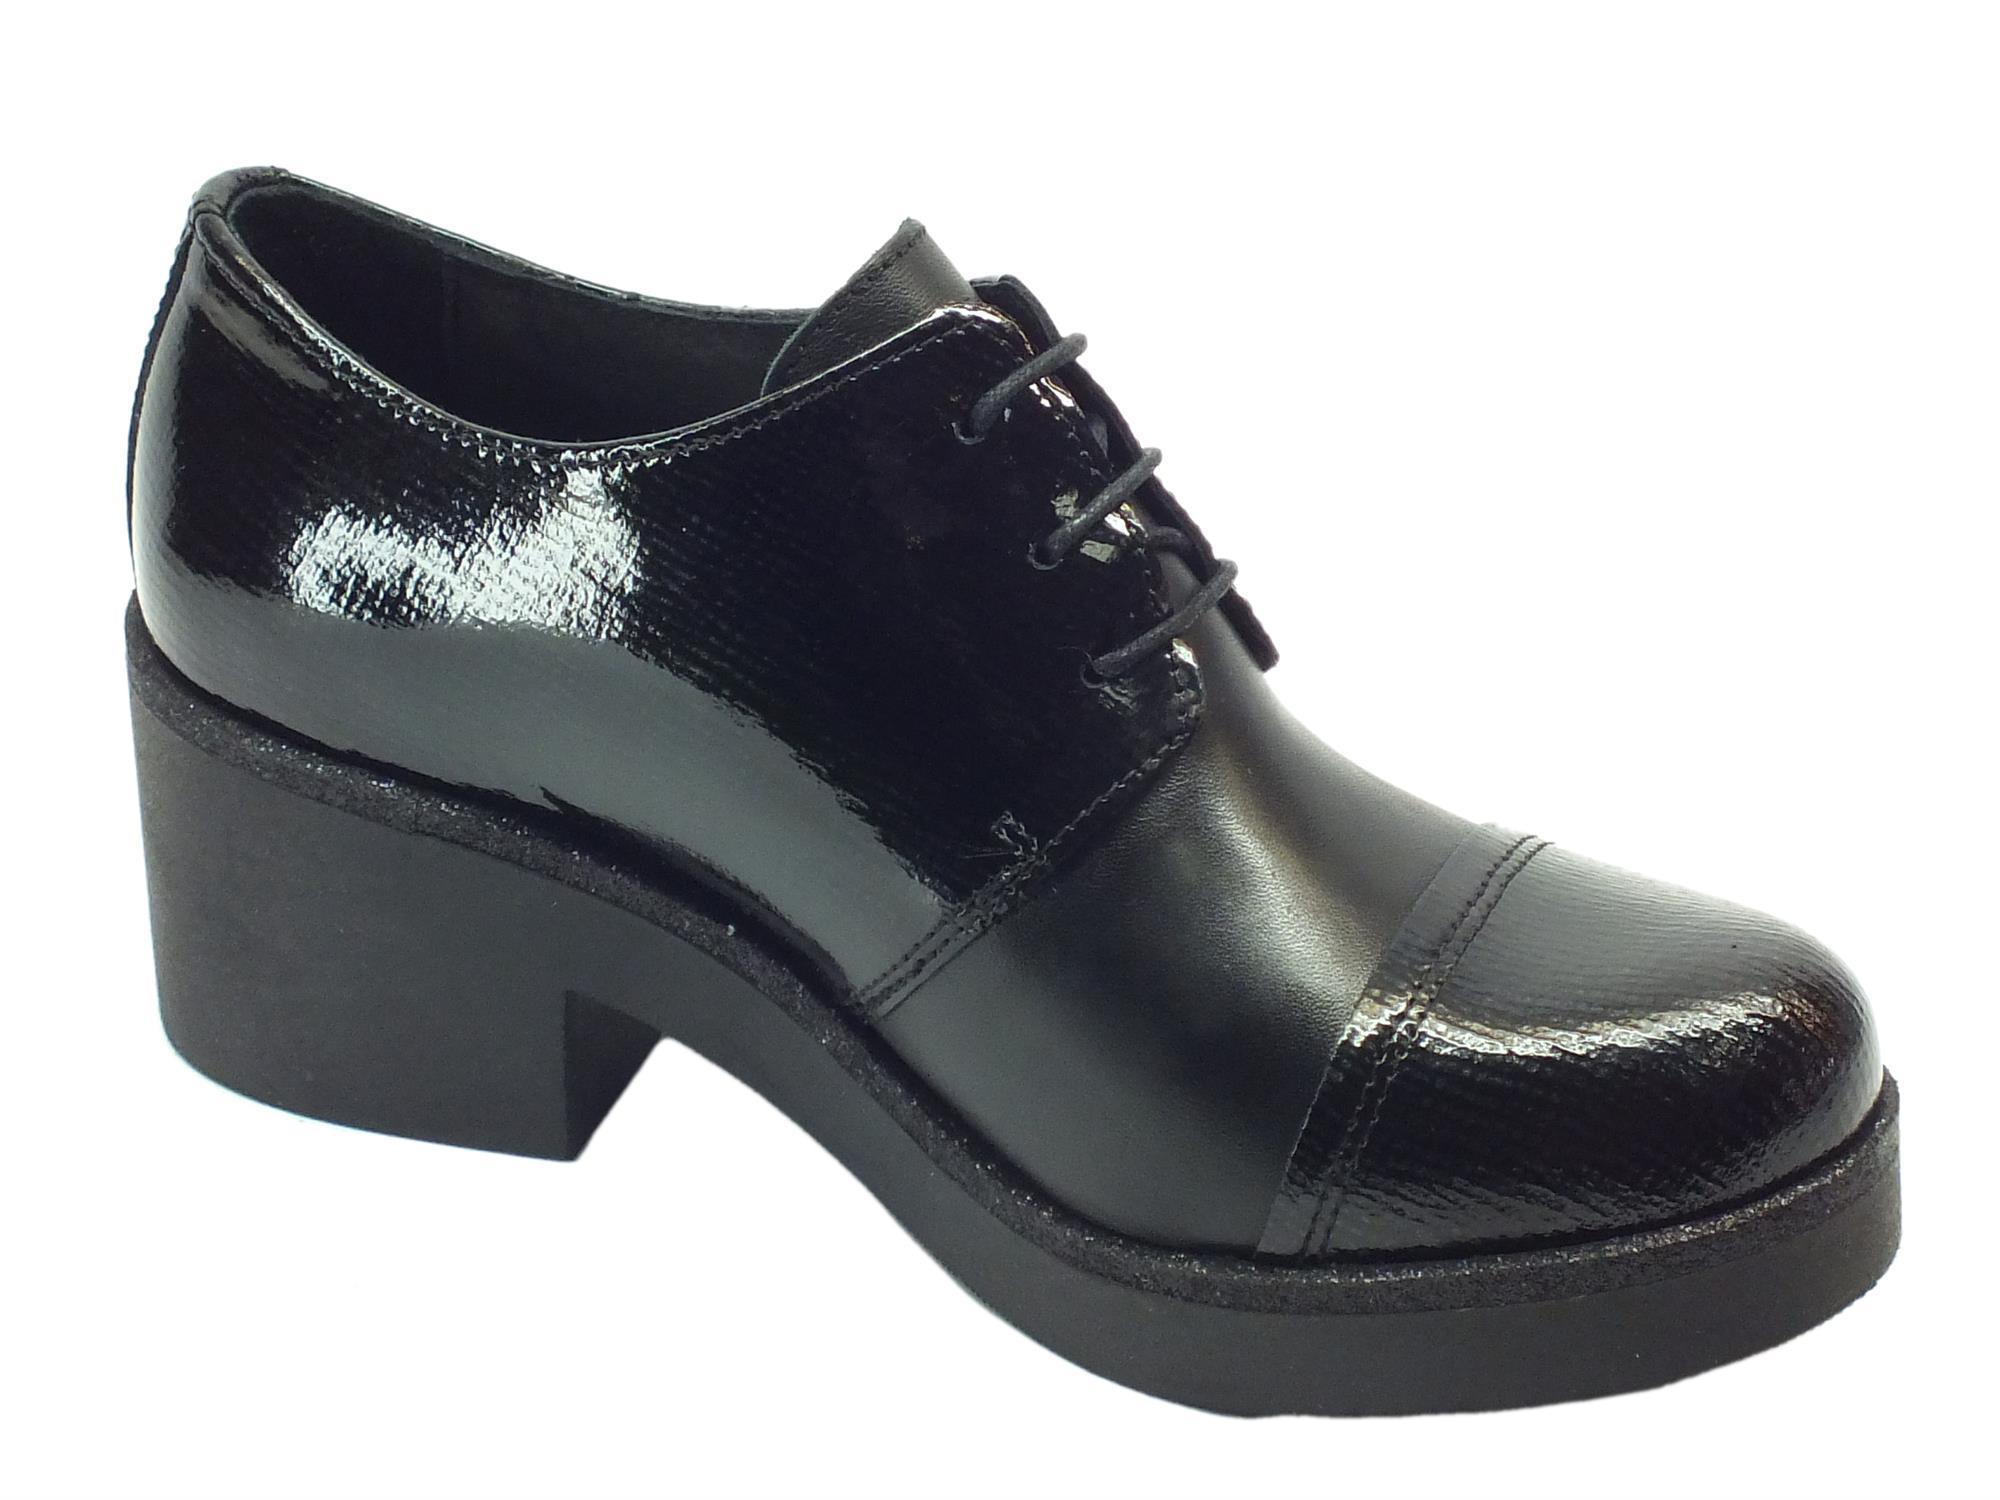 Scarpe Mercante di Fiori pelle vernice nero stringate - Vitiello ... e9d28e487da